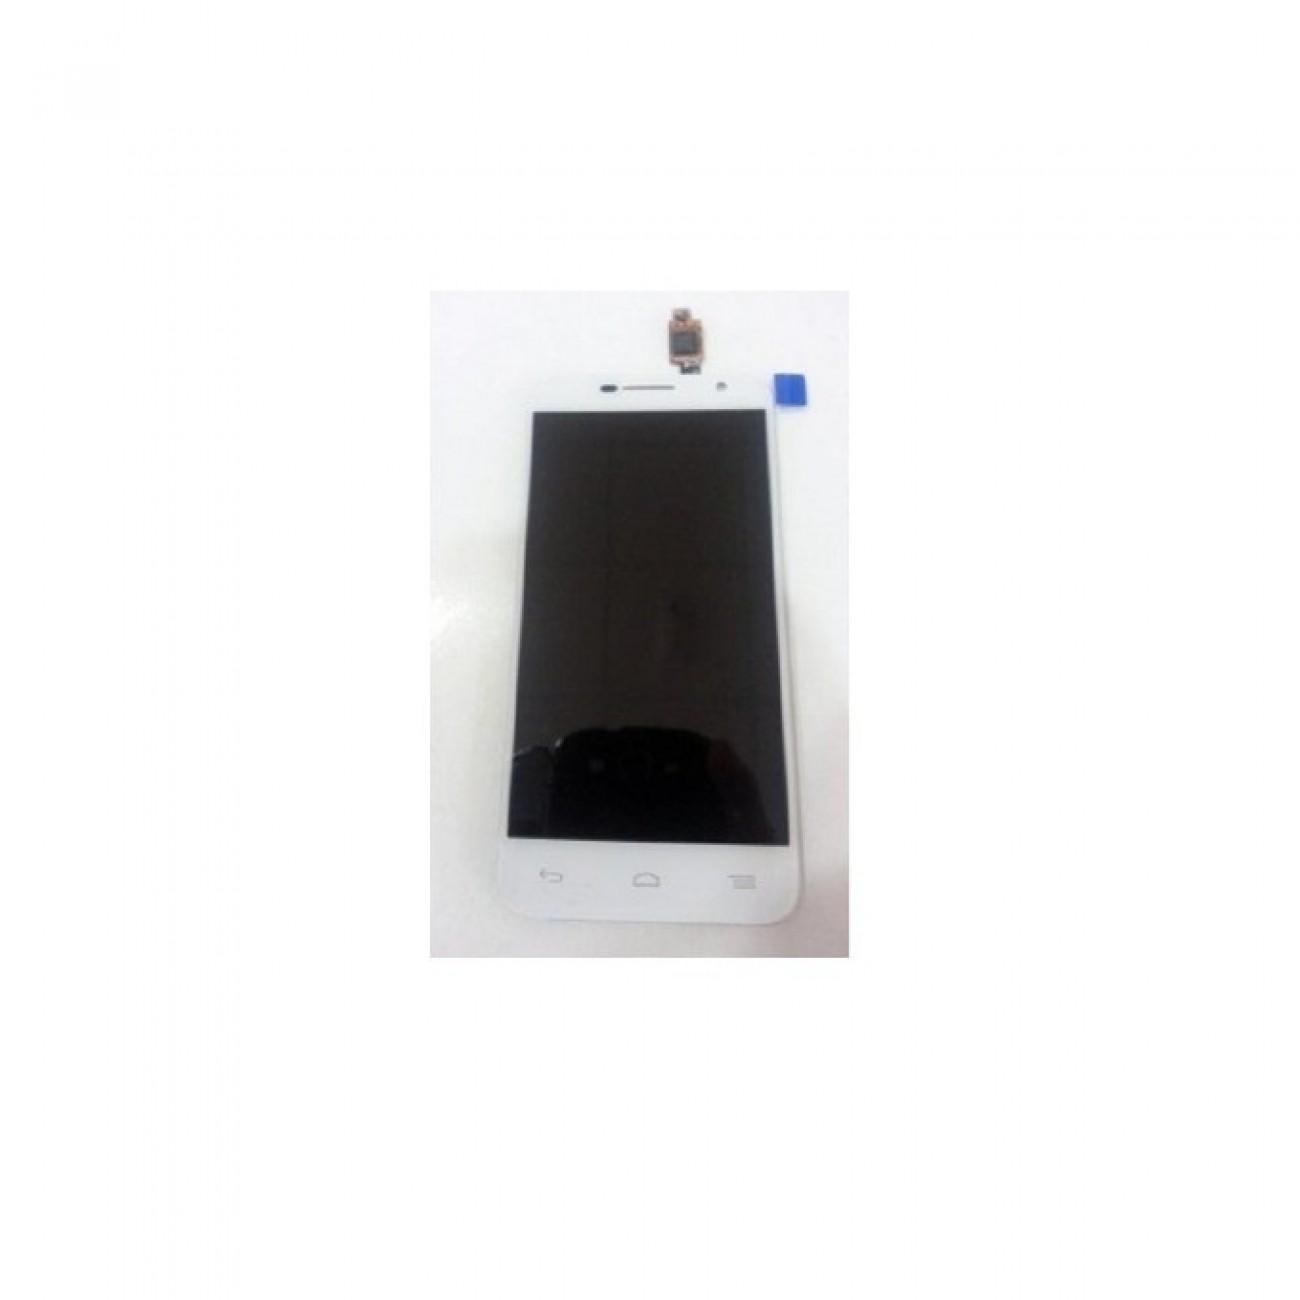 Дисплей зa Alcatel Idol 2 6037B, LCD, бял в Резервни части -    Alleop